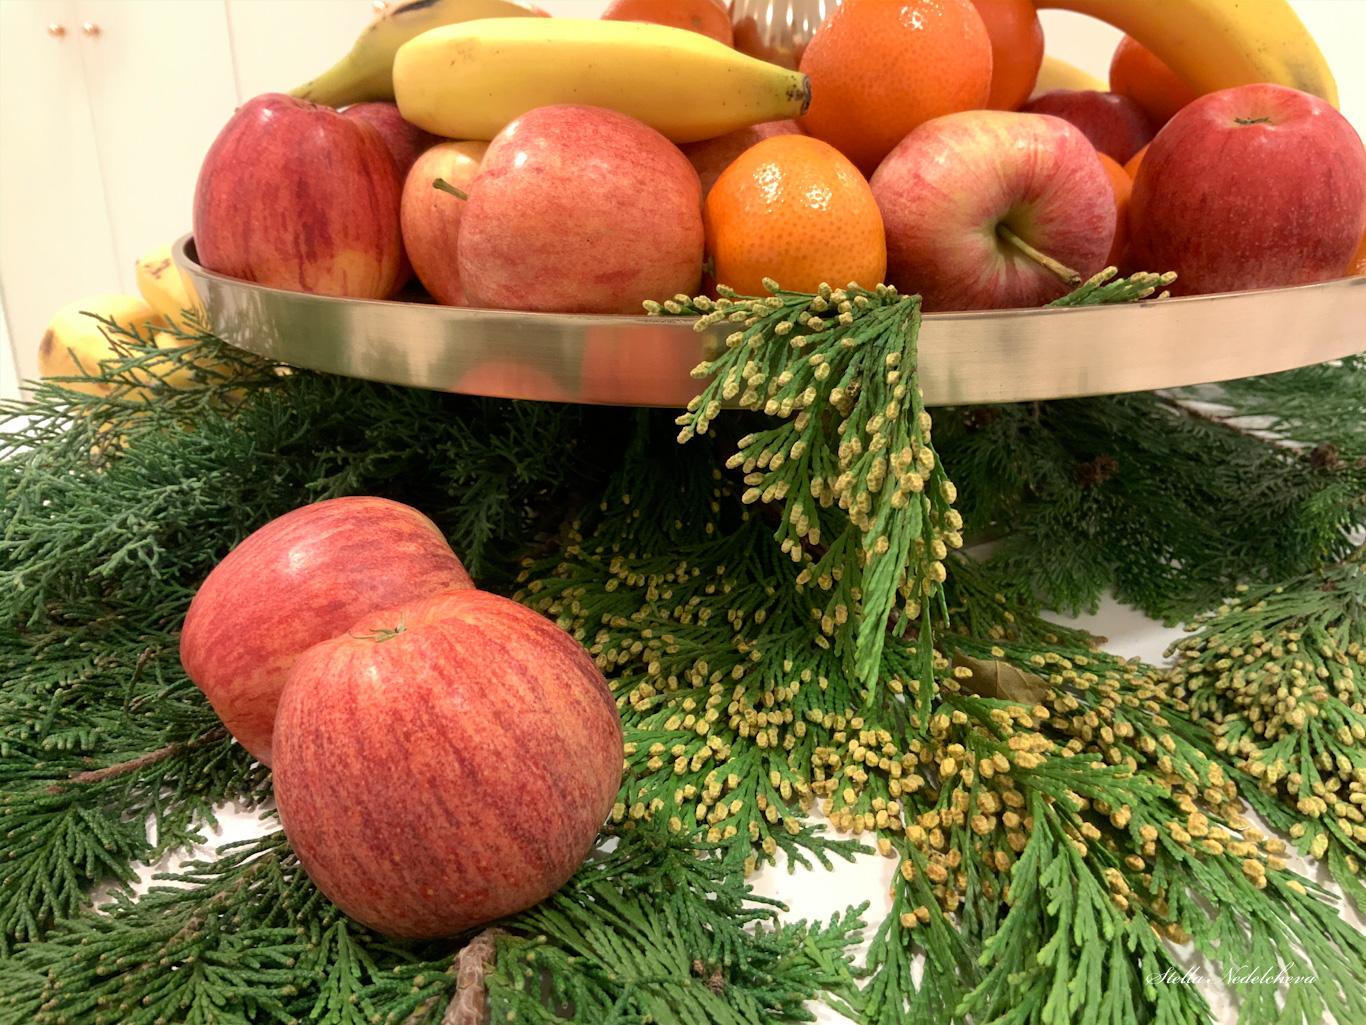 Décoration de Noël avec des fruits